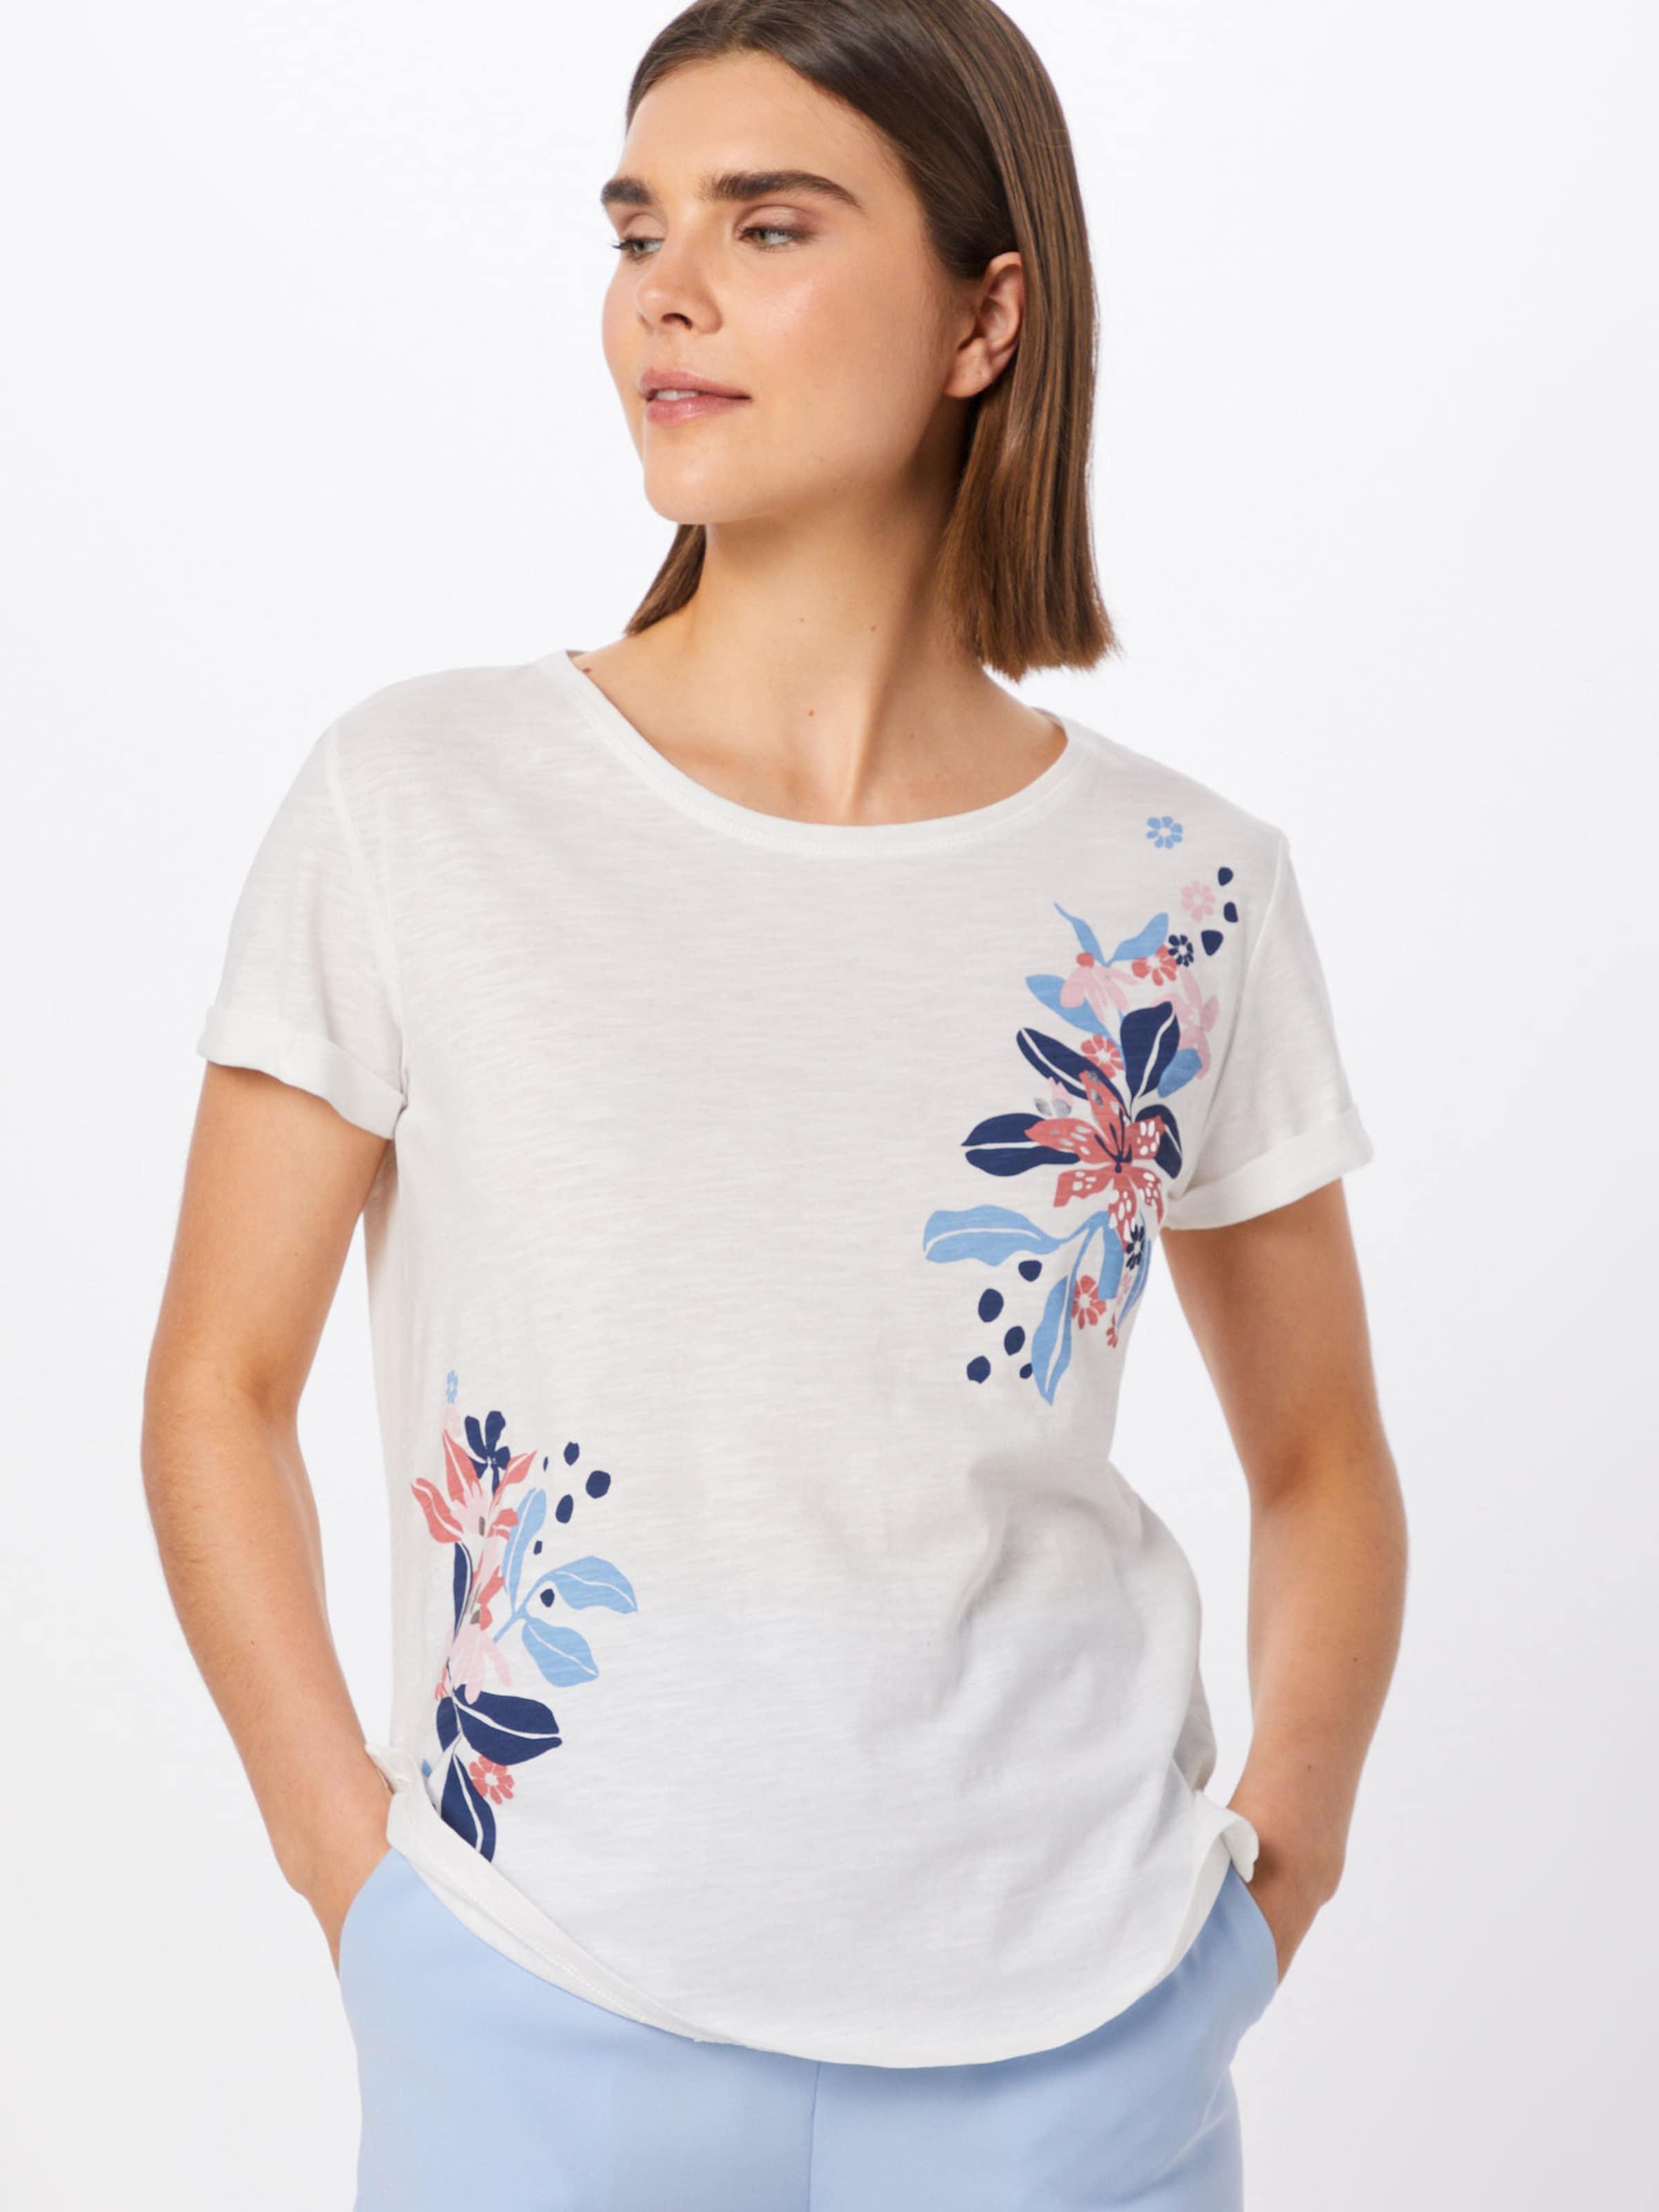 T shirt Marine Esprit Bleu En tdhrsQ